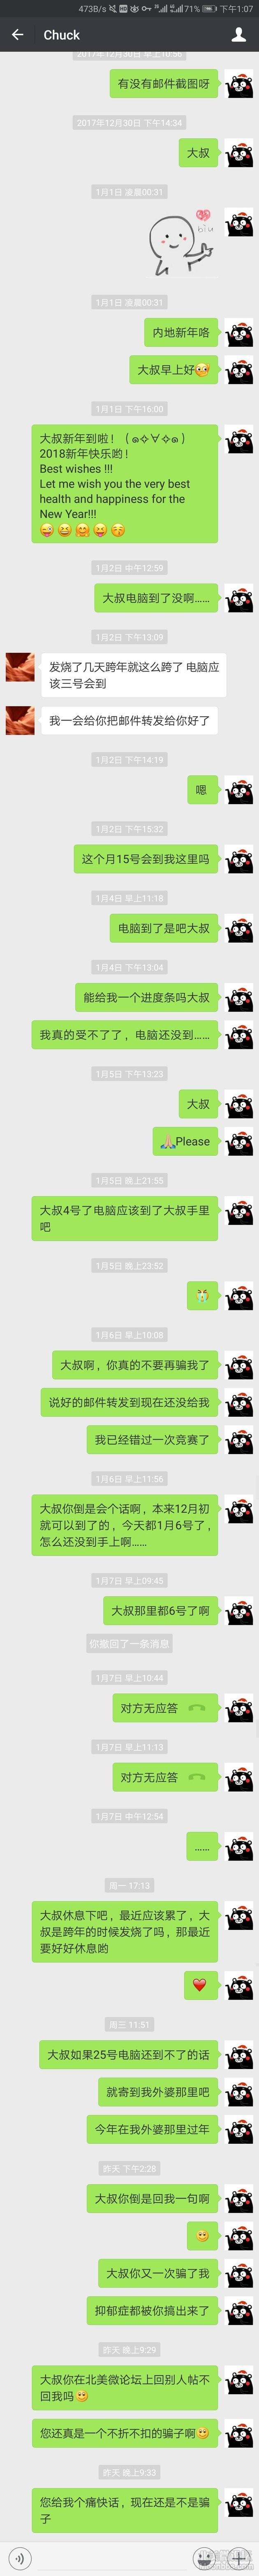 Screenshot_2018-01-12-13-07-11.jpg